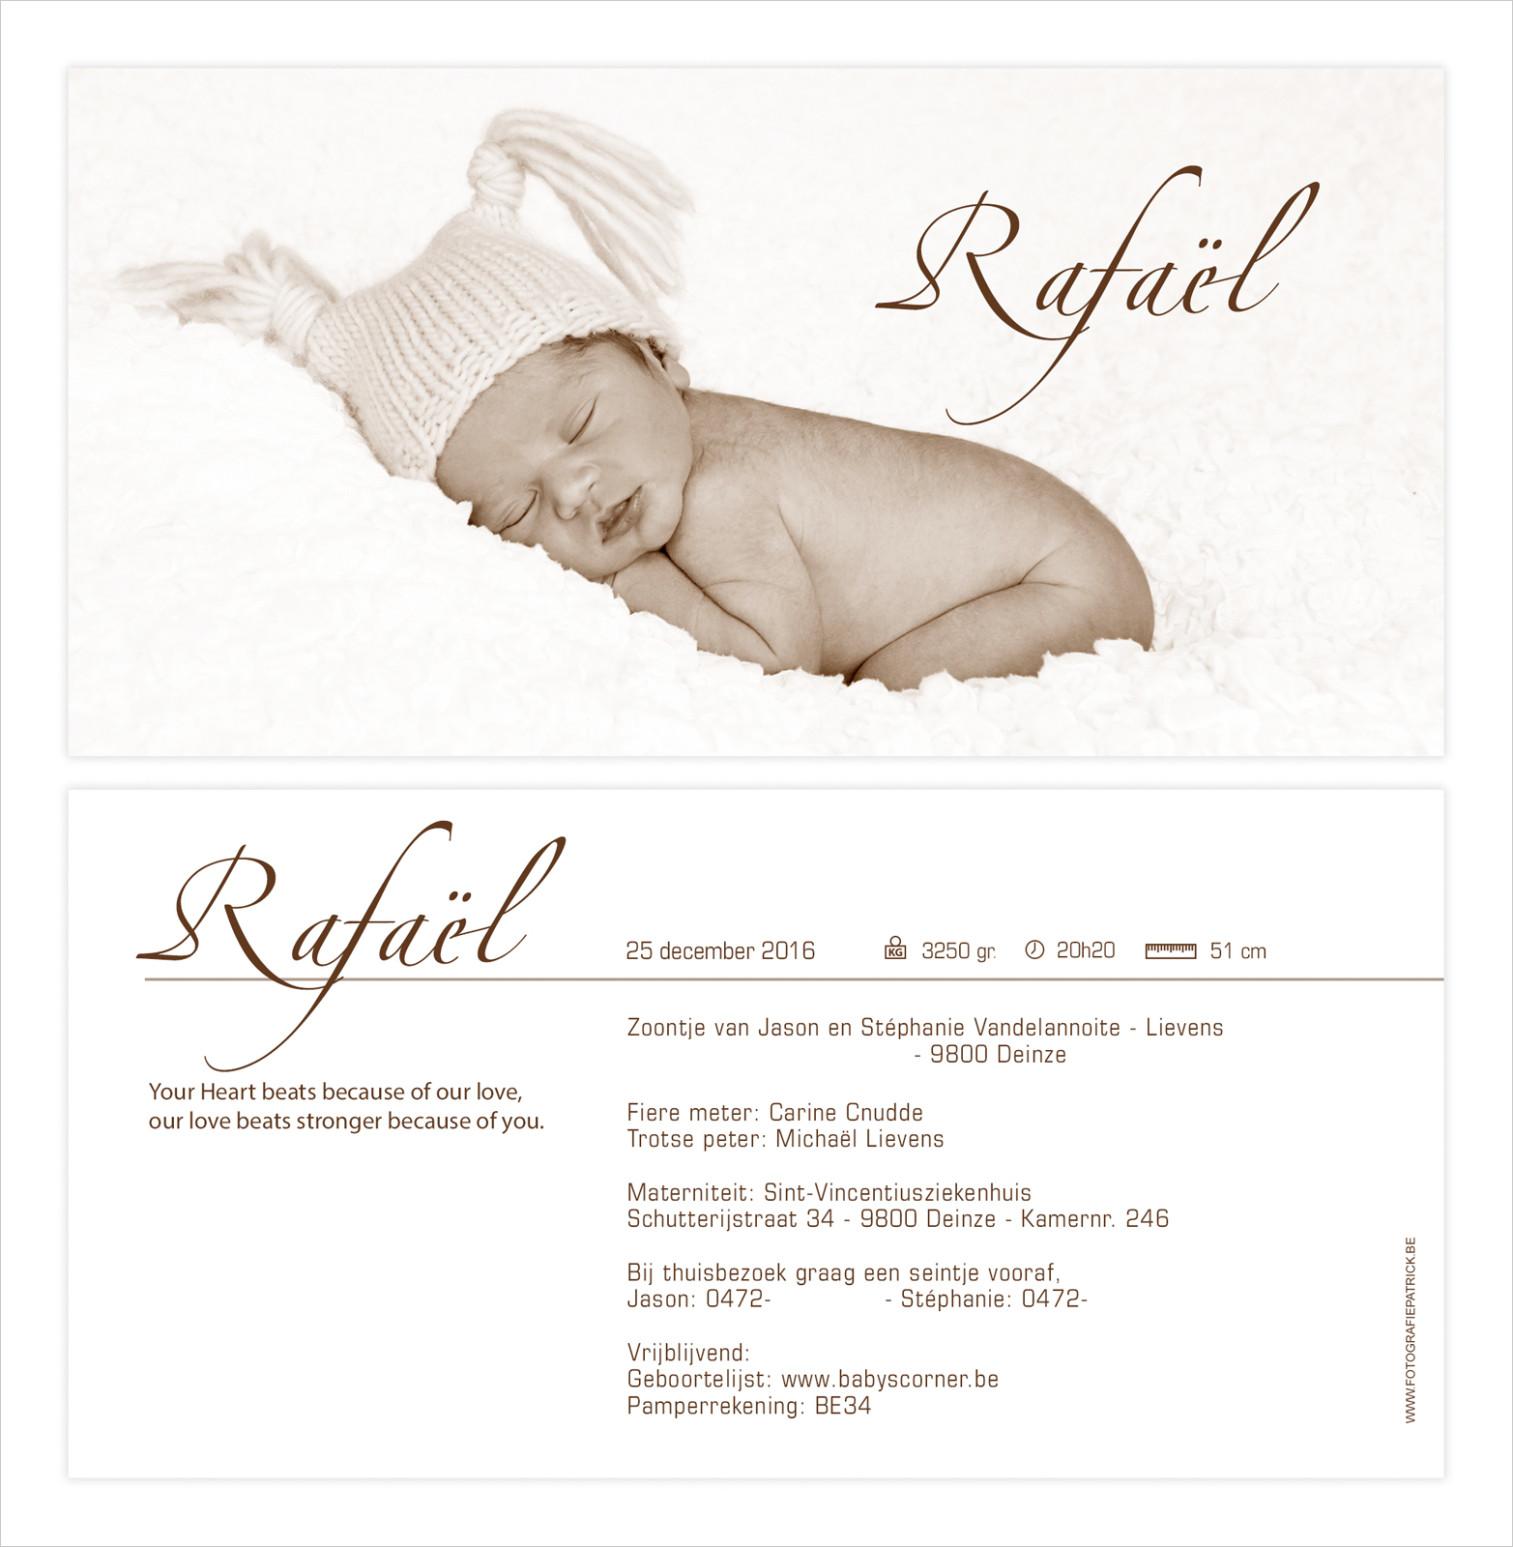 Geboortekaartje met foto van Rafael